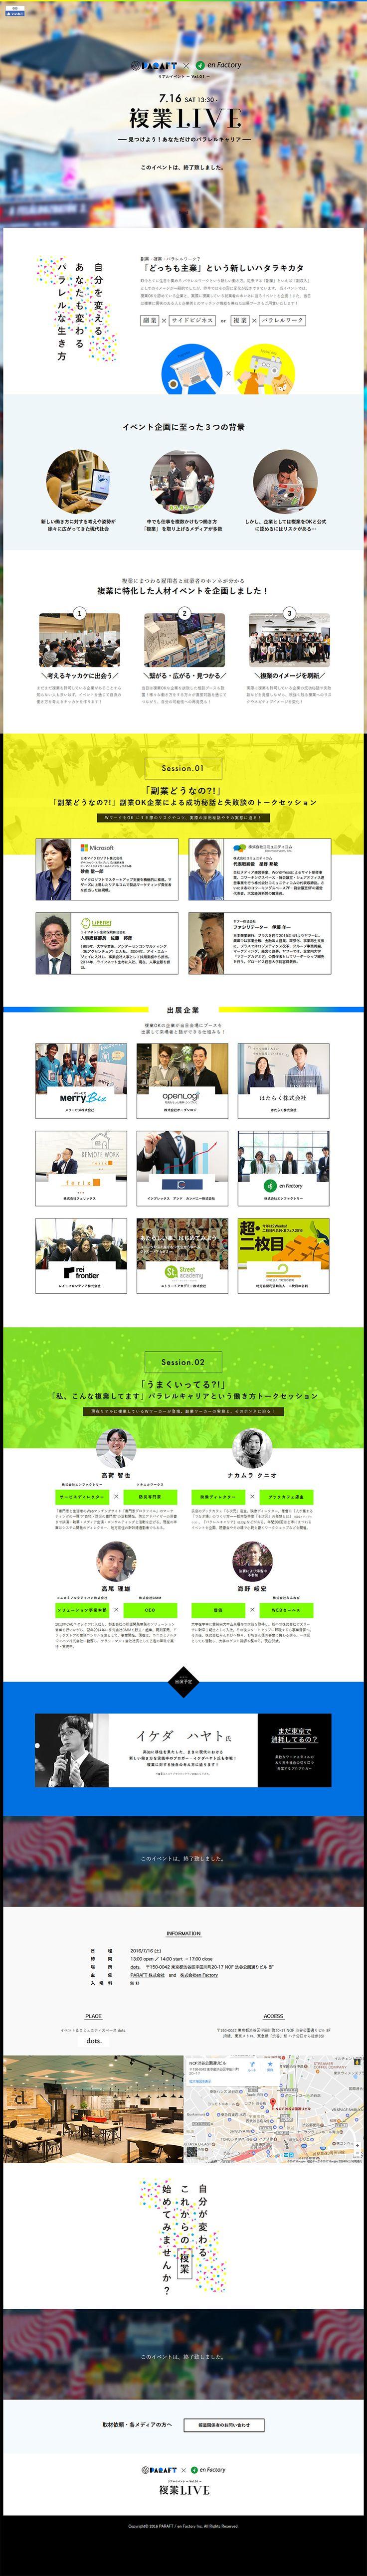 複業LIVE|WEBデザイナーさん必見!ランディングページのデザイン参考に(シンプル系)